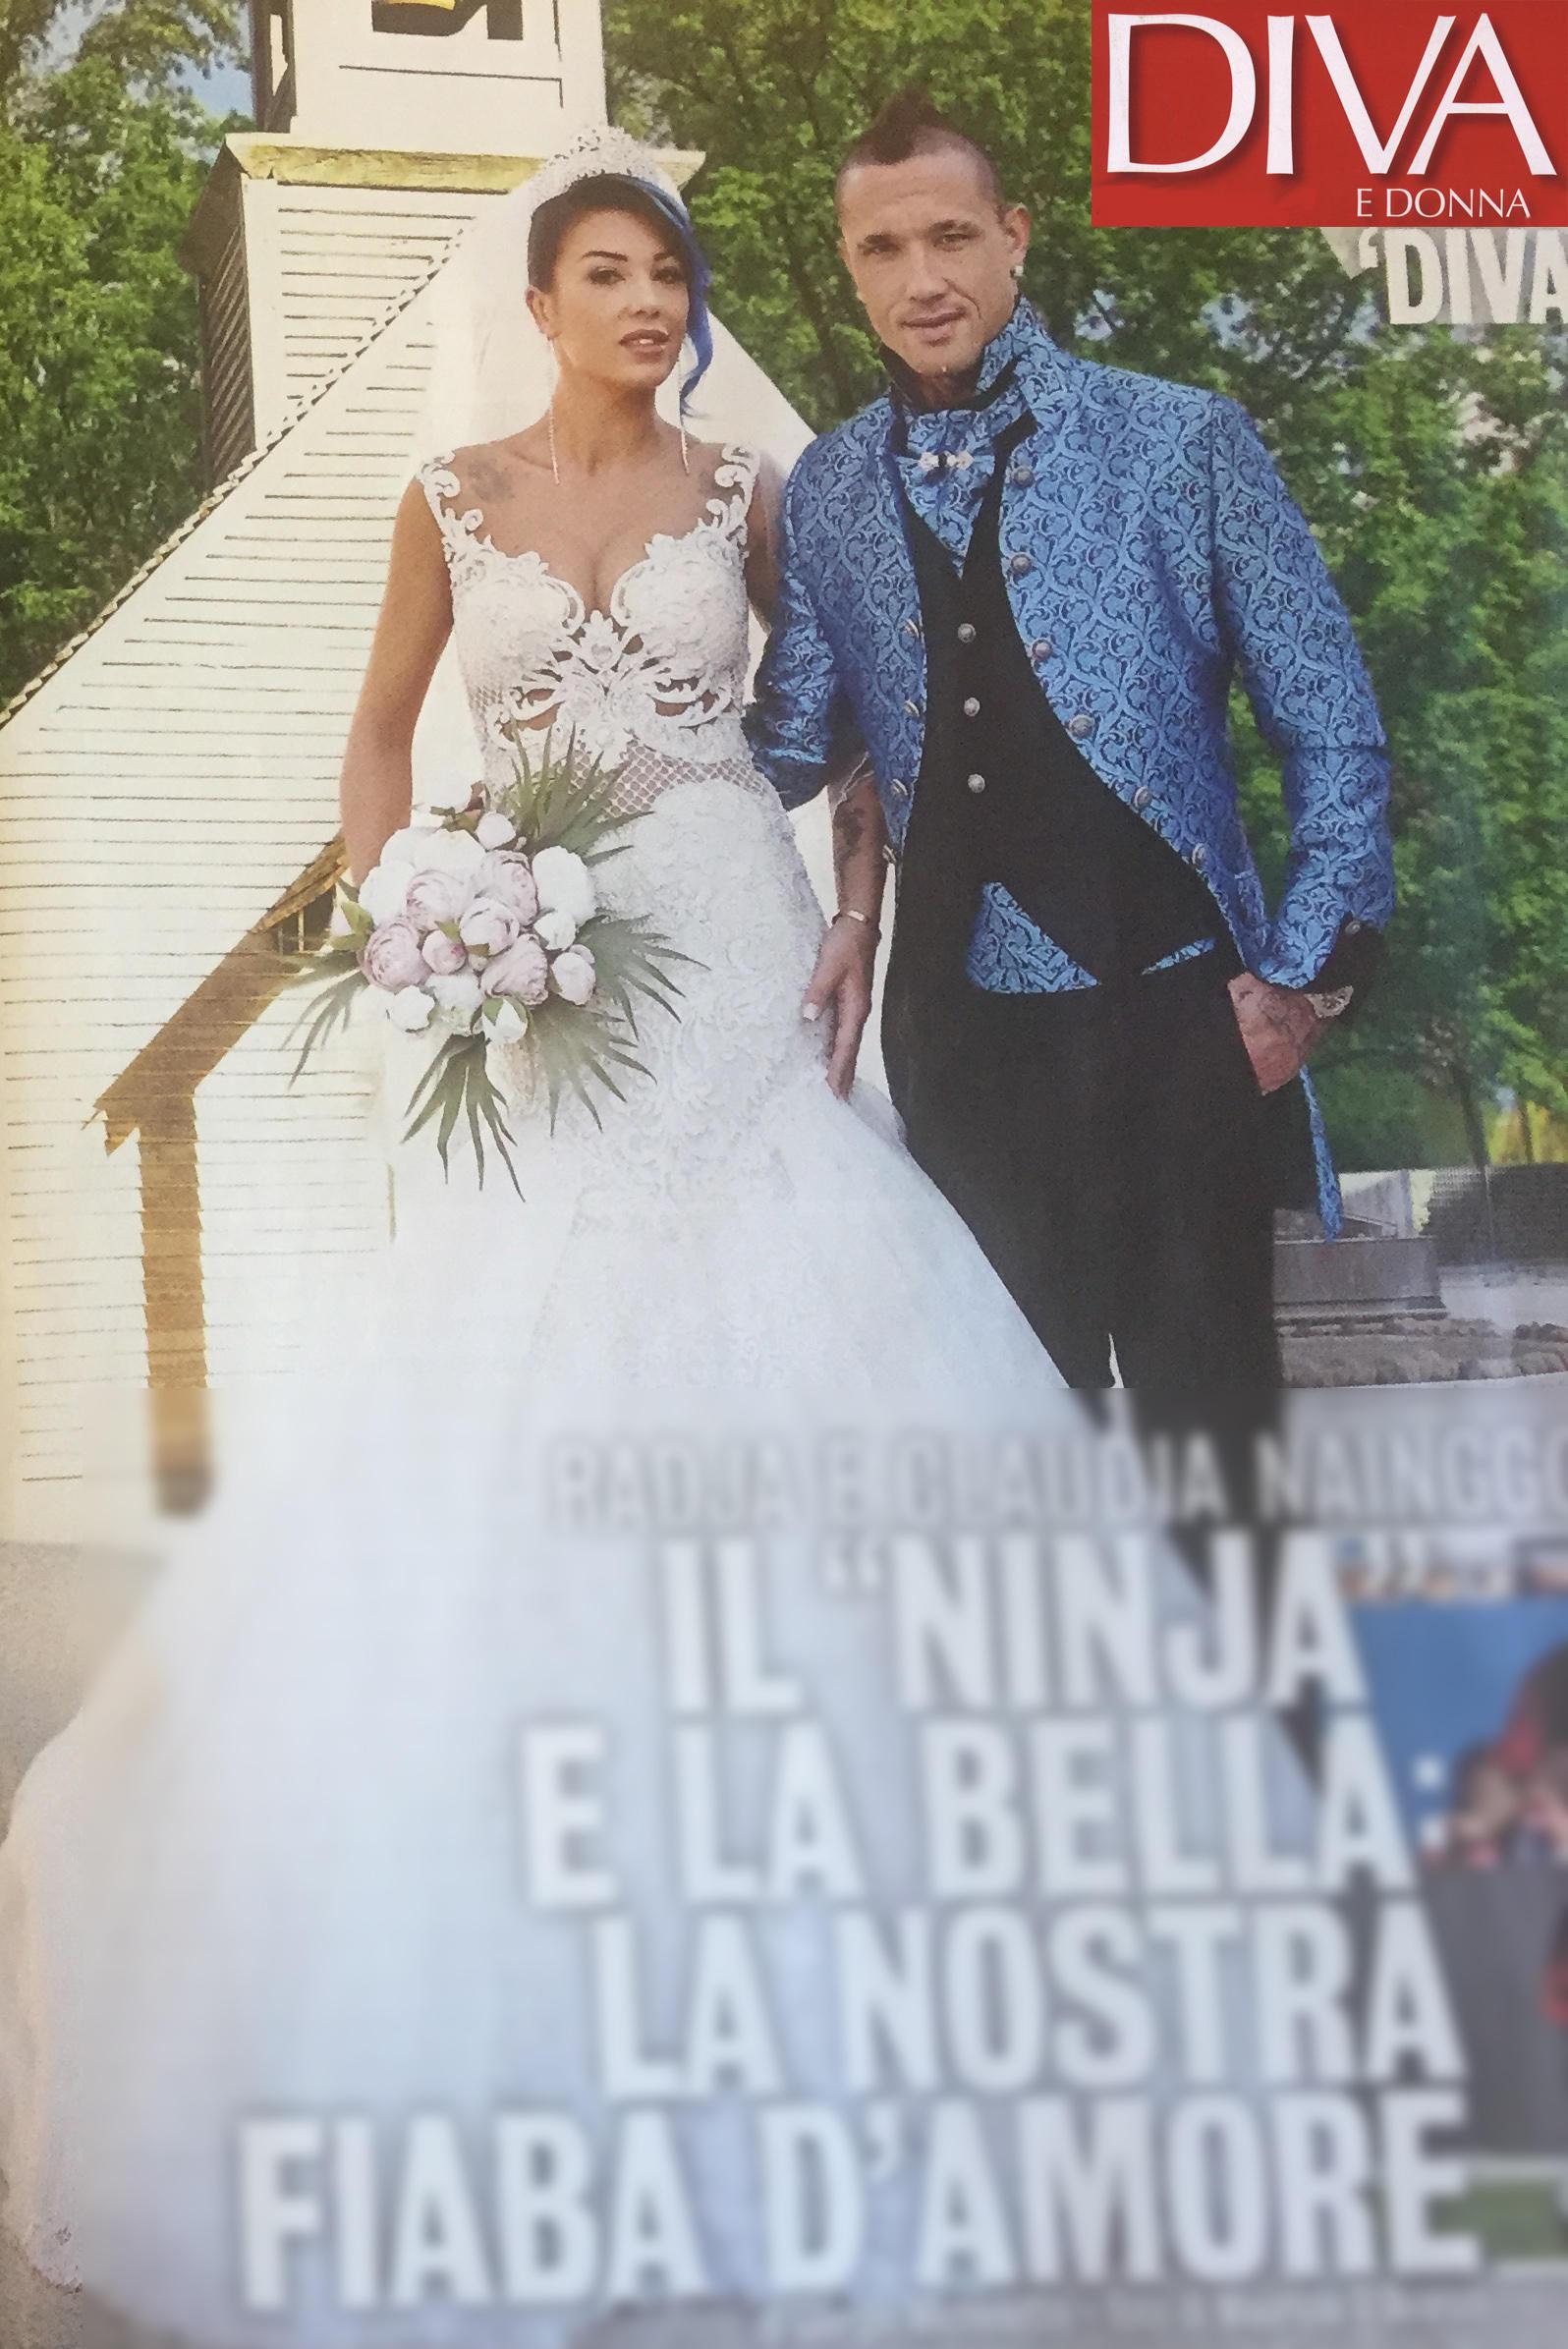 Le (finte) nozze di Nainggolan con la sua Claudia